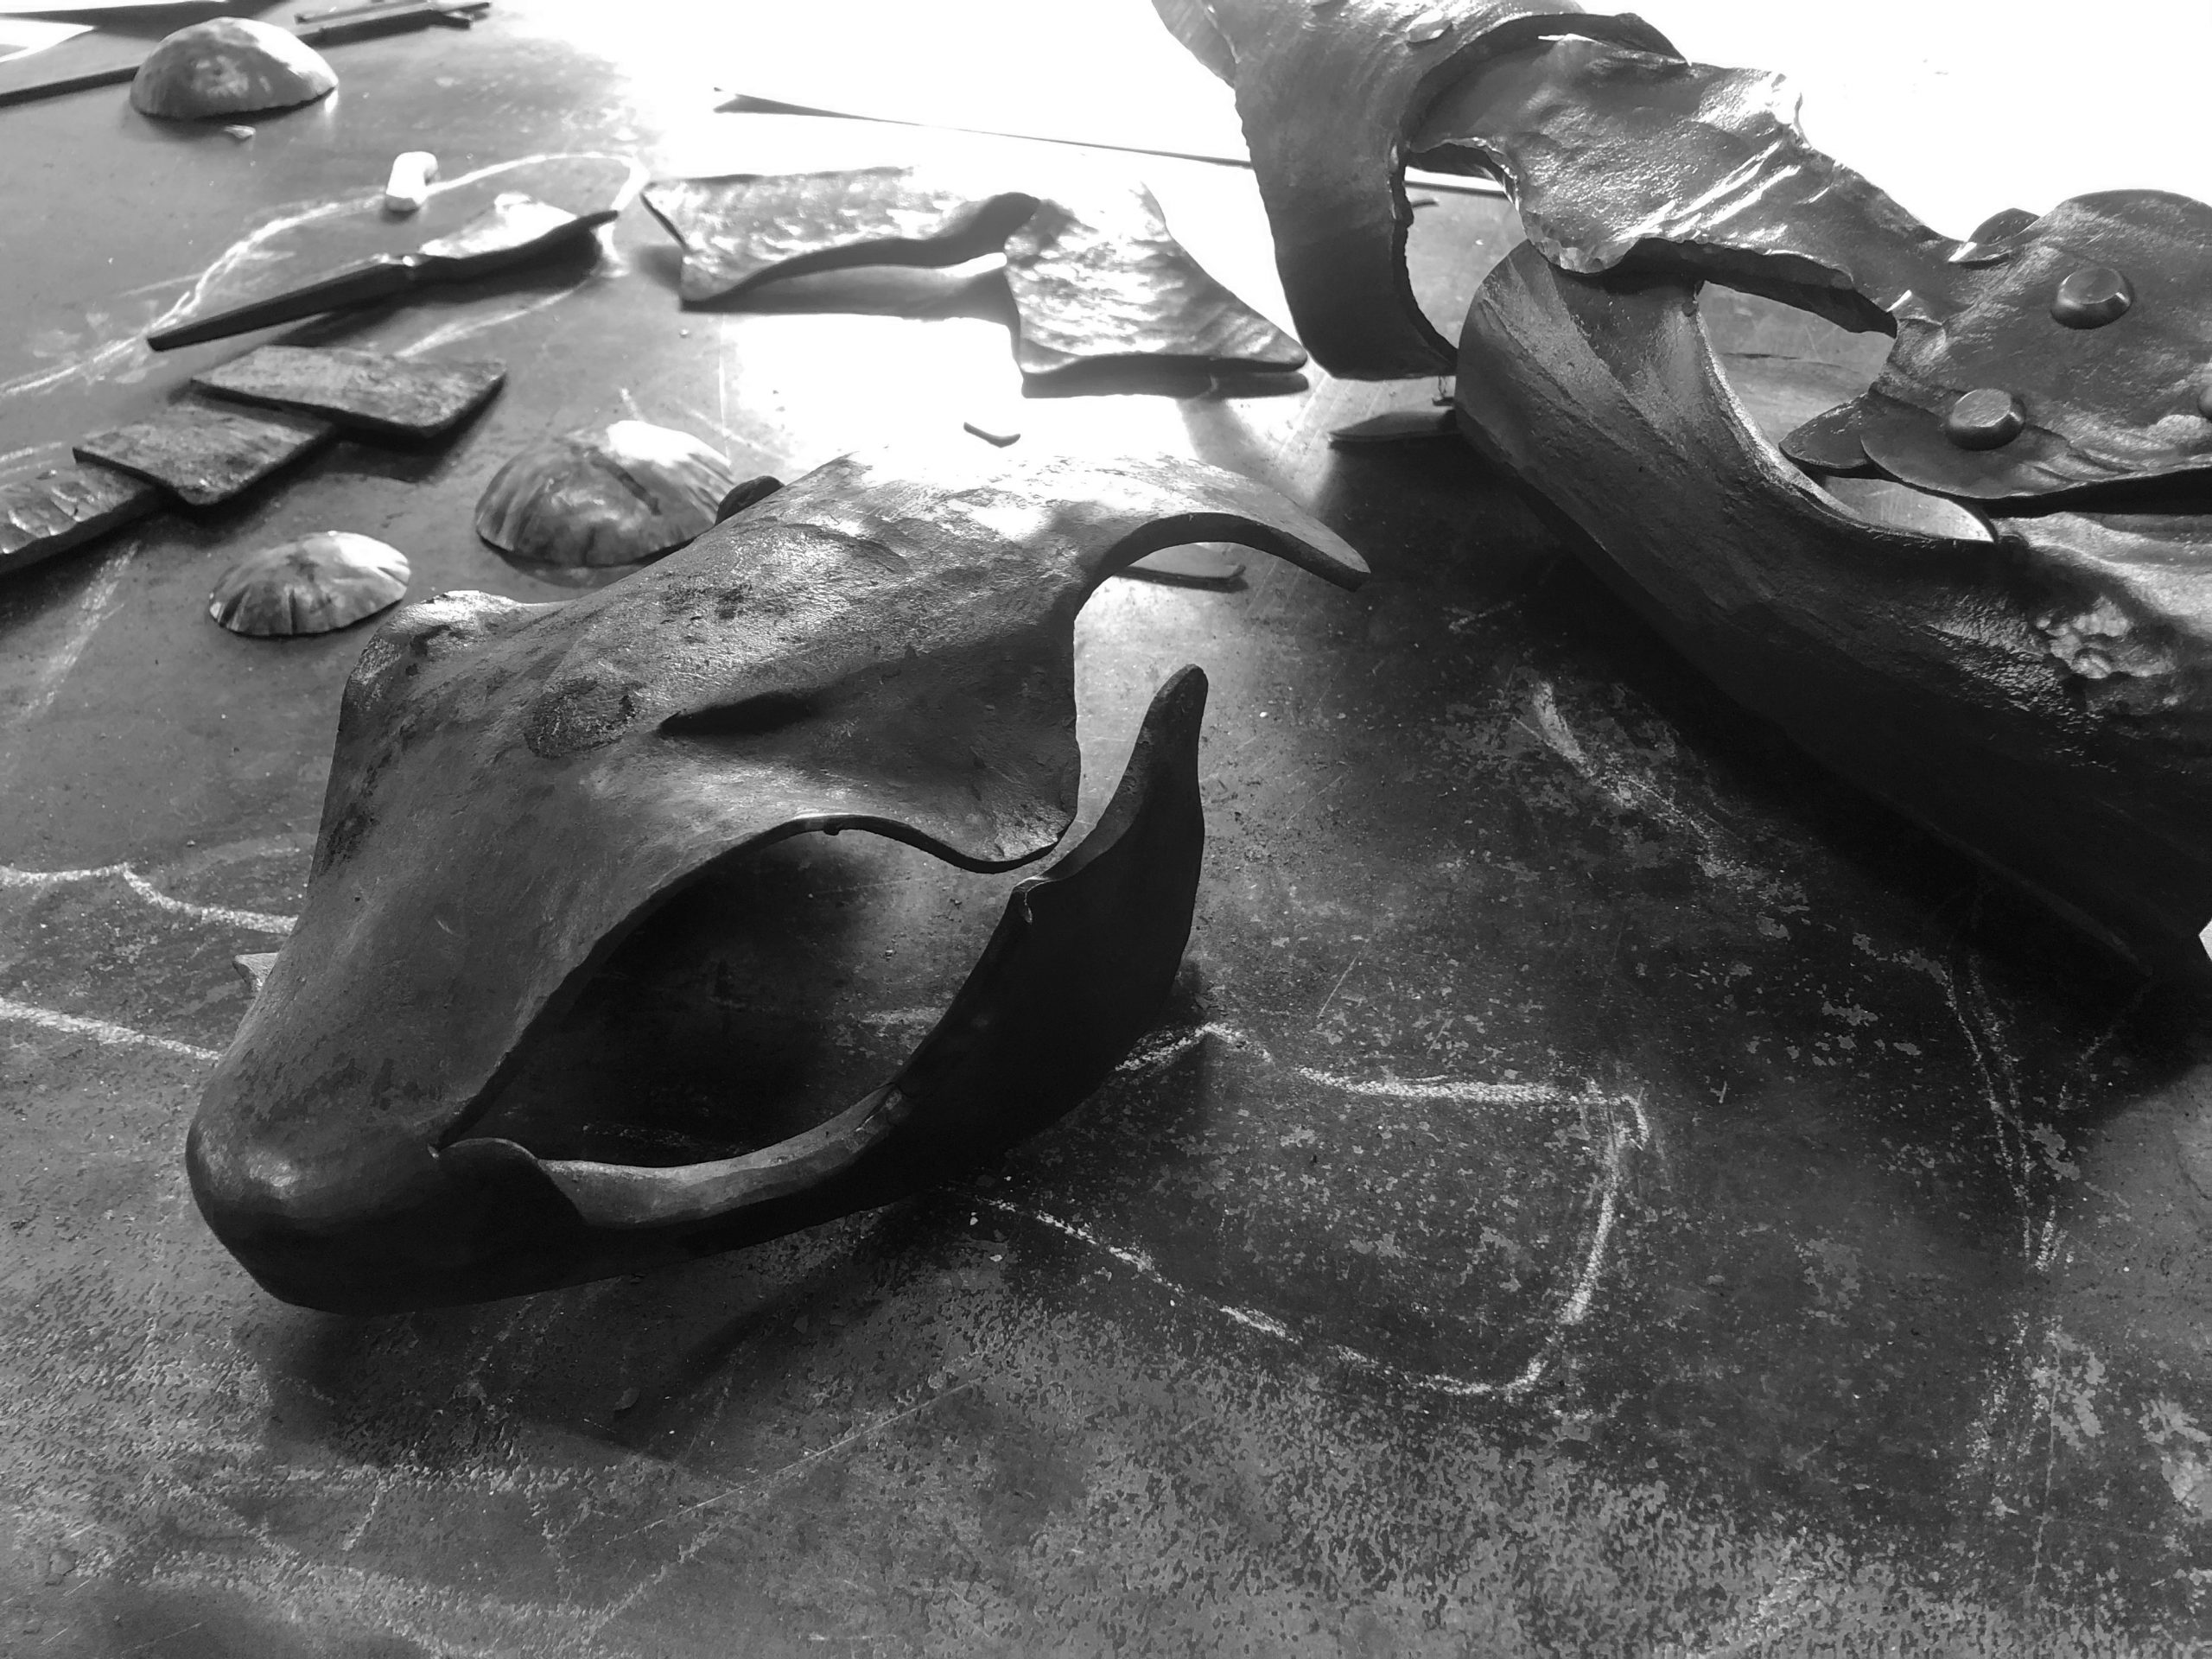 Forged iron lizard sculpture